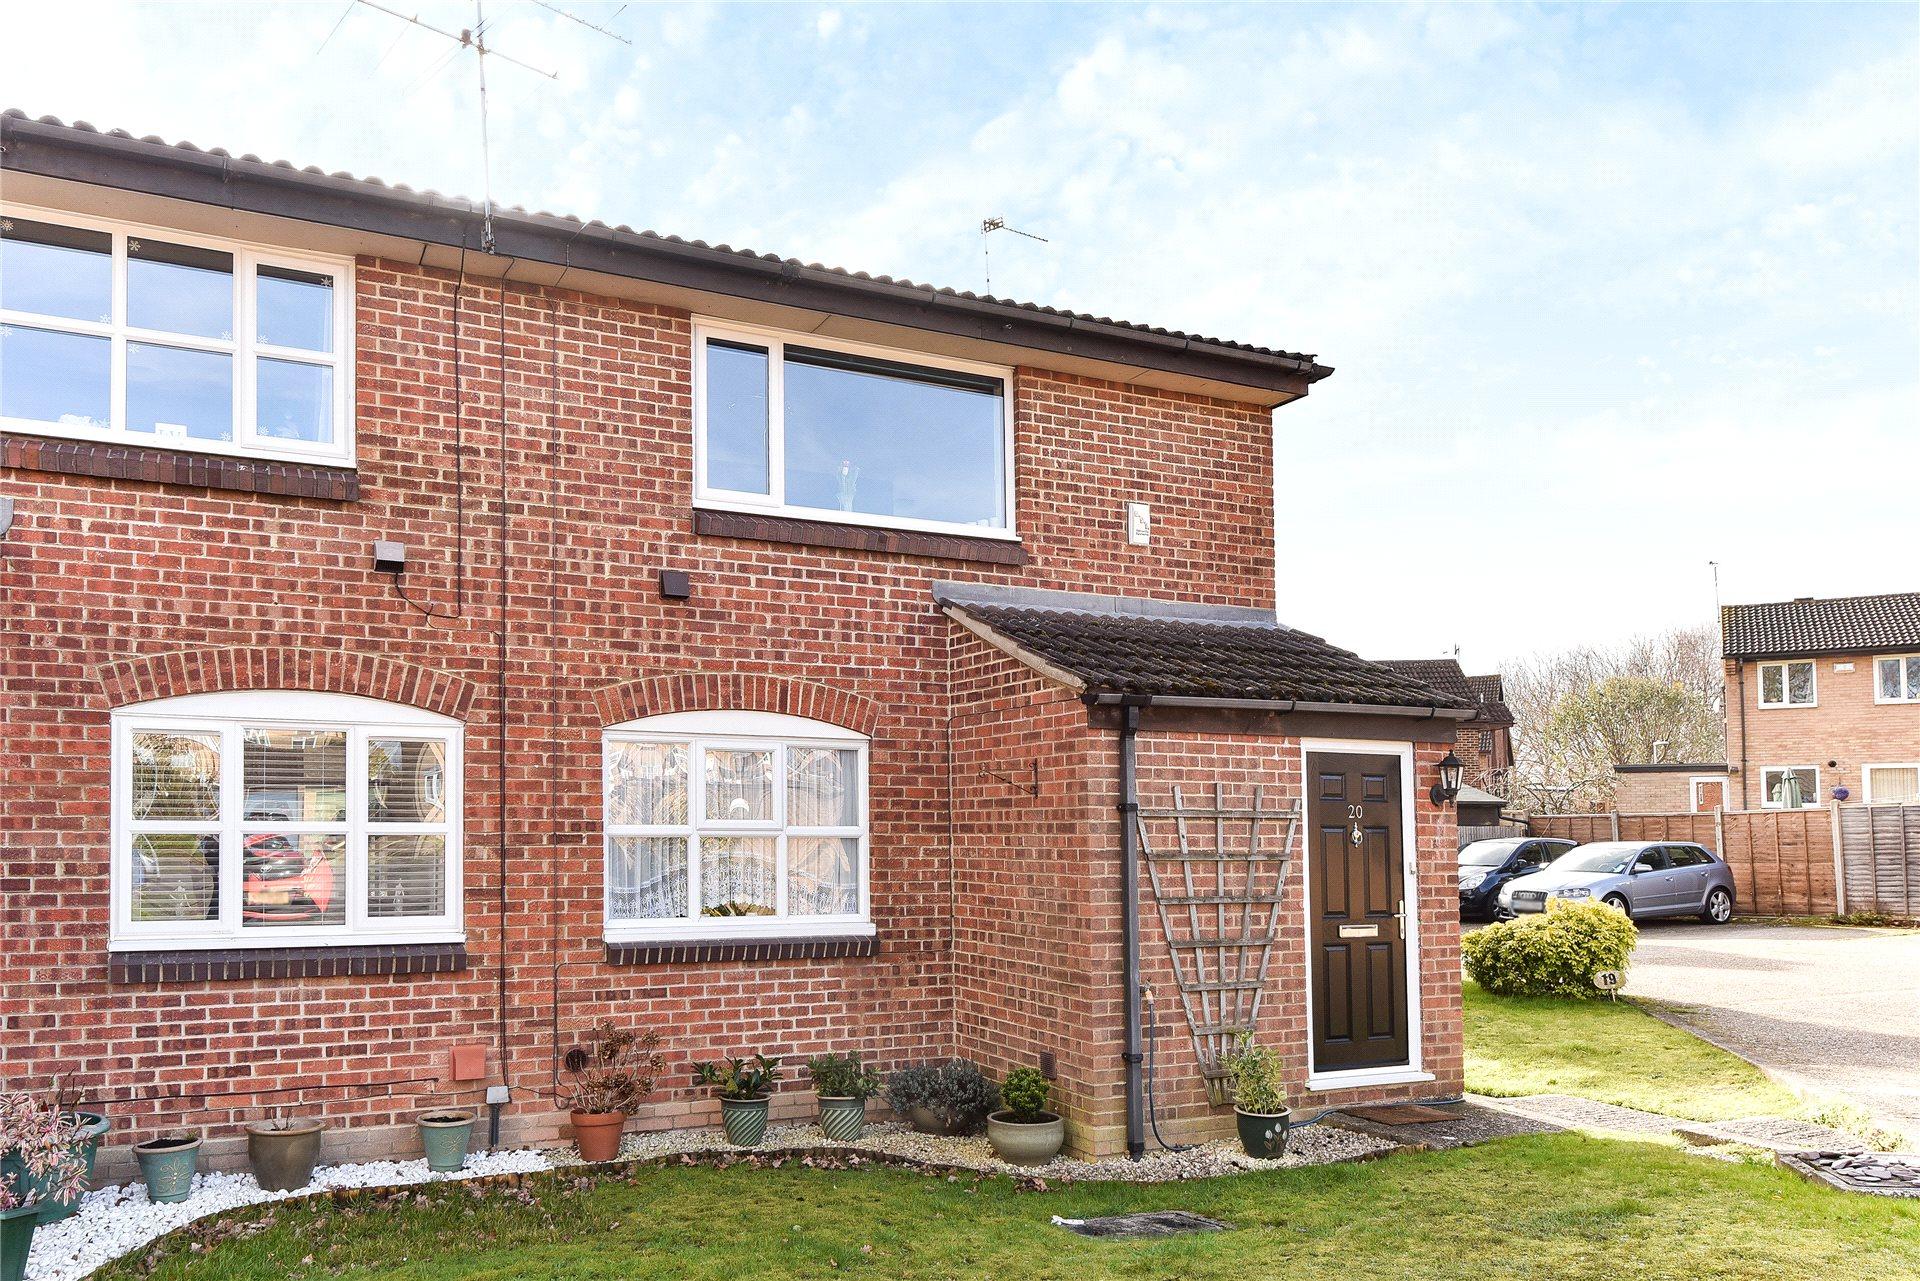 1 Bedroom Maisonette Flat for sale in Shrivenham Close, Sandhurst, Berkshire, GU47